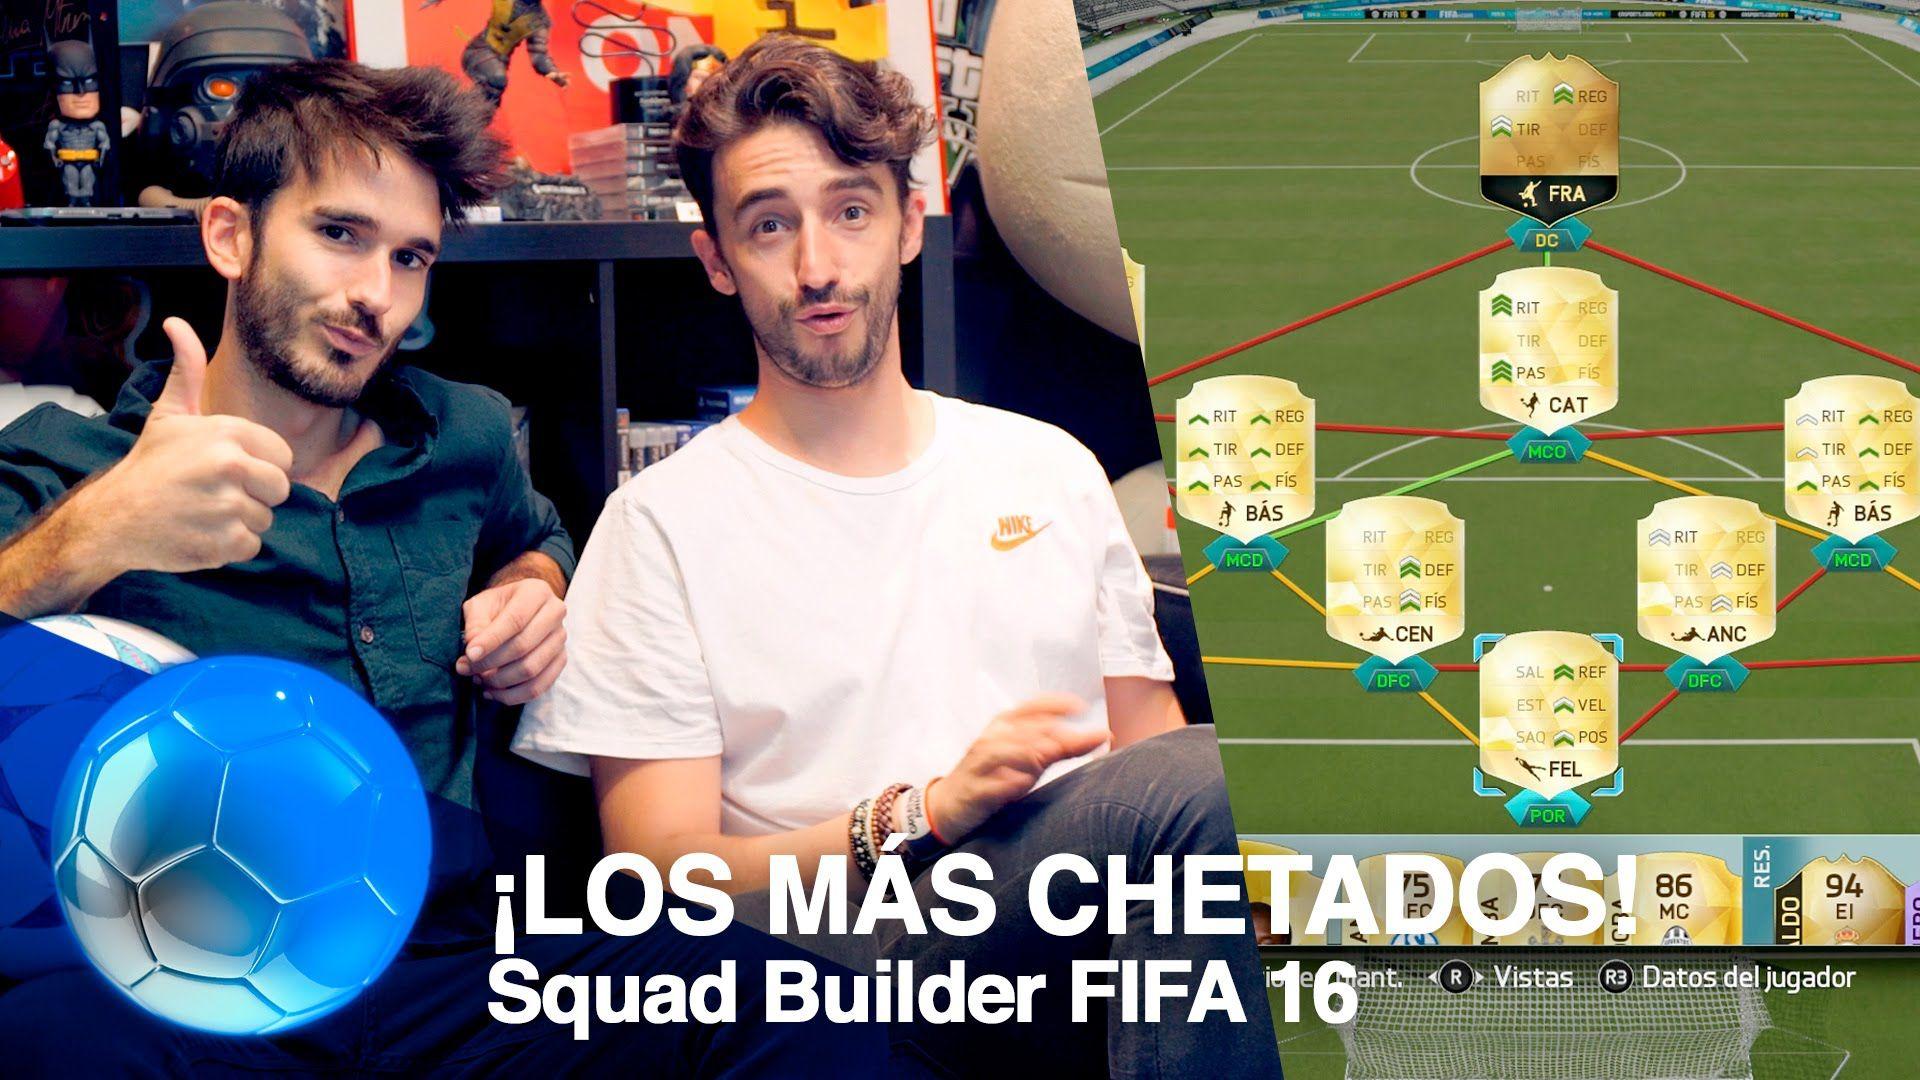 ¡LOS MÁS CHETADOS! - Squad Builder FIFA 16